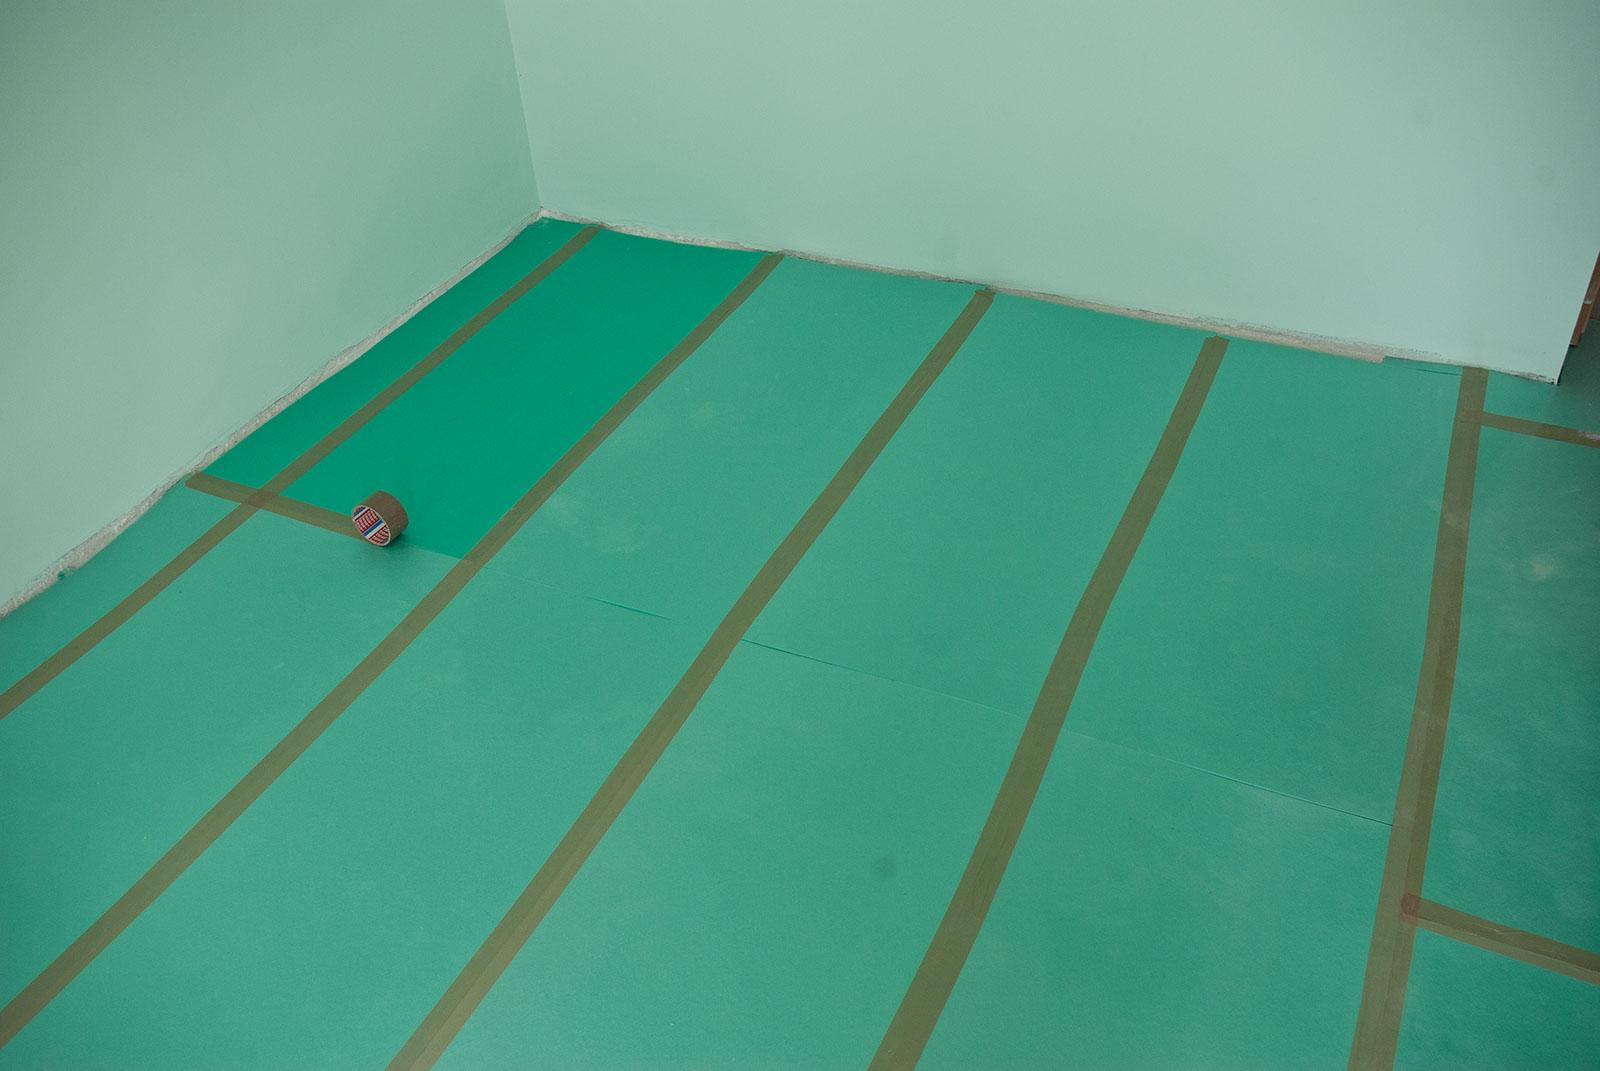 Как положить ламинат на бетонный пол - НашПол 30